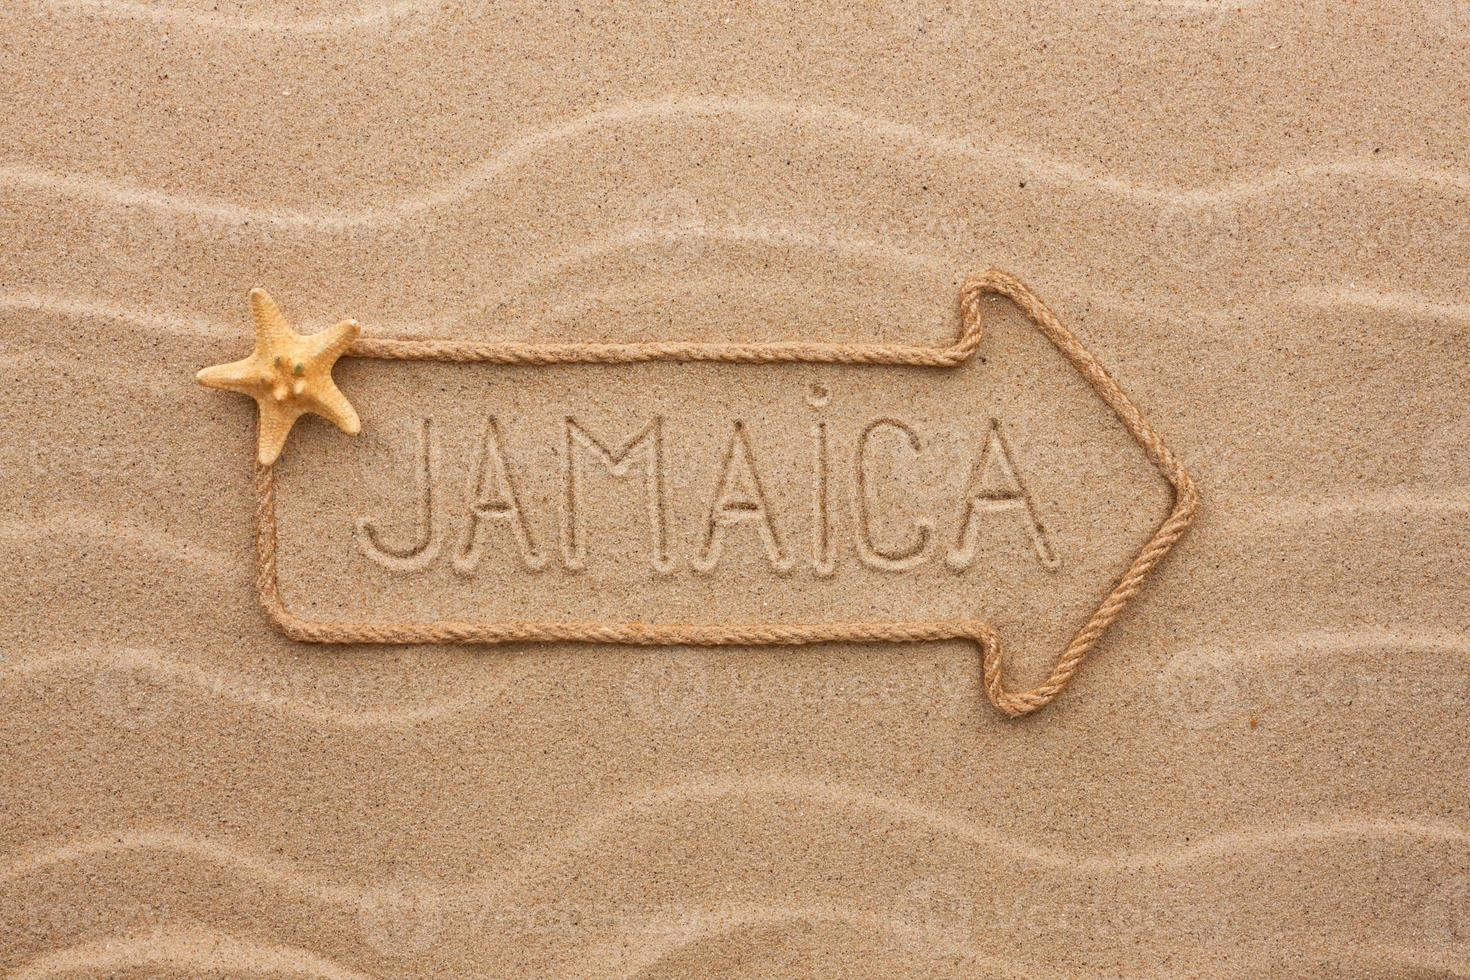 corda freccia con la parola giamaica foto